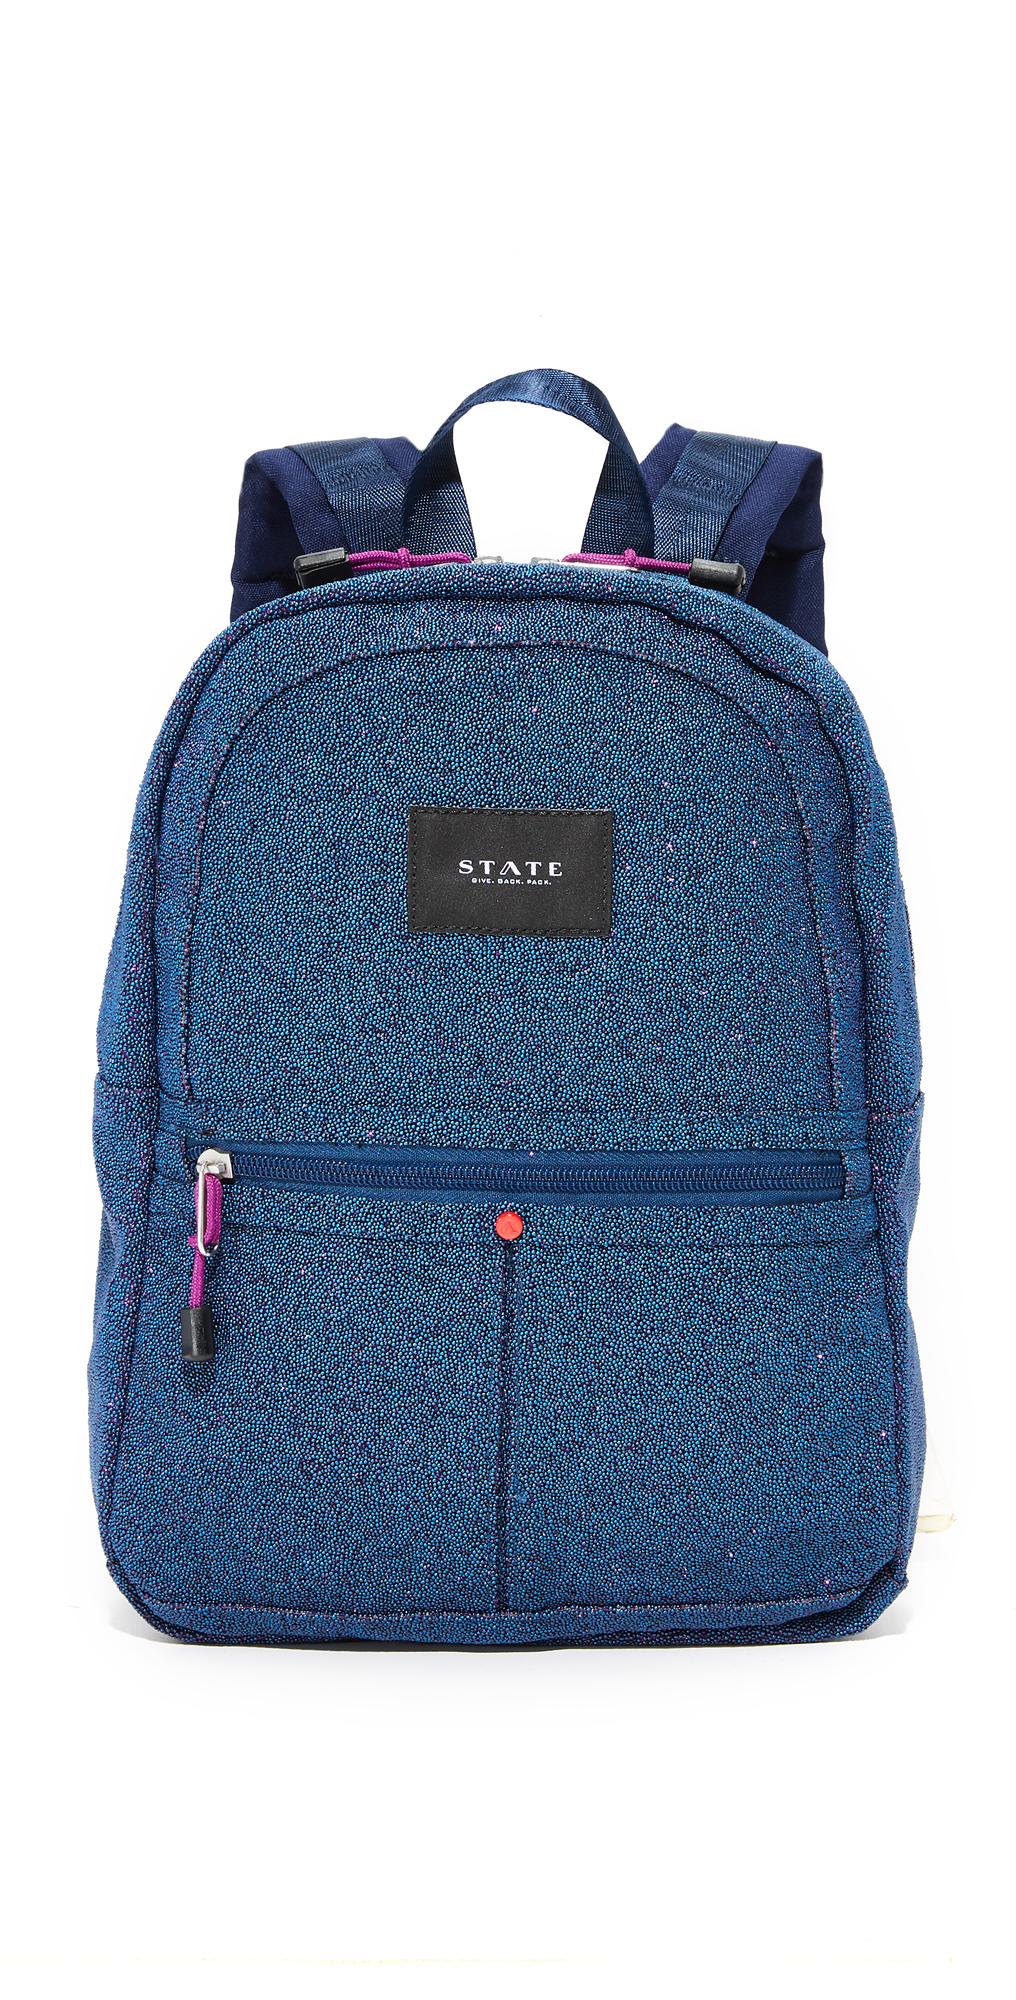 Mini Kane Backpack STATE